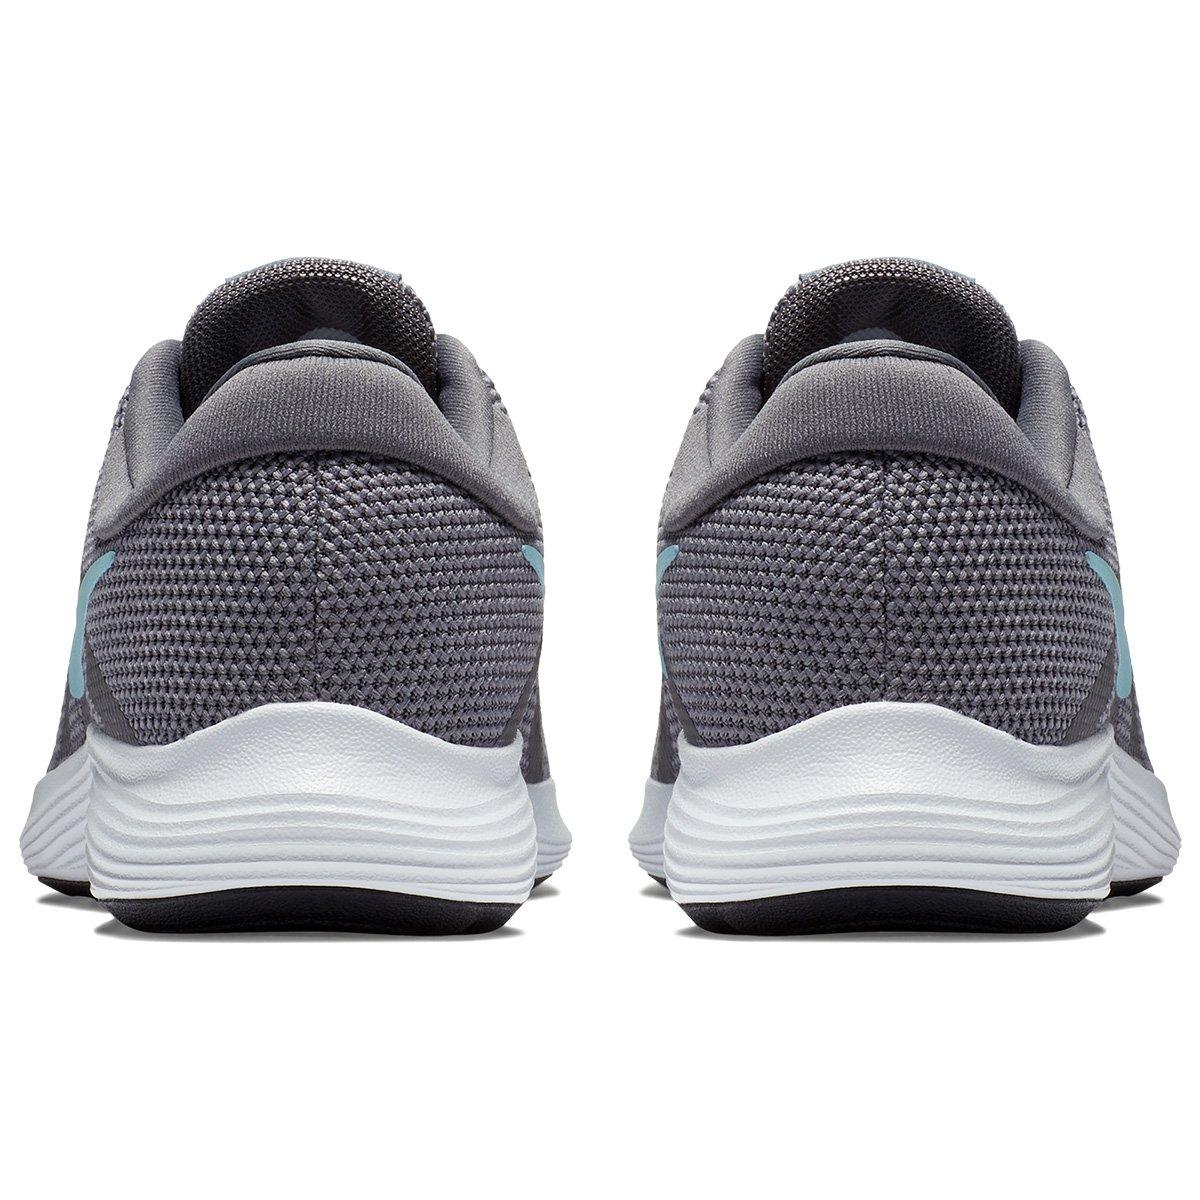 Tênis Nike Wmns Revolution 4 Feminino - Cinza e Azul - Compre Agora ... 71b8cd3cdfea0